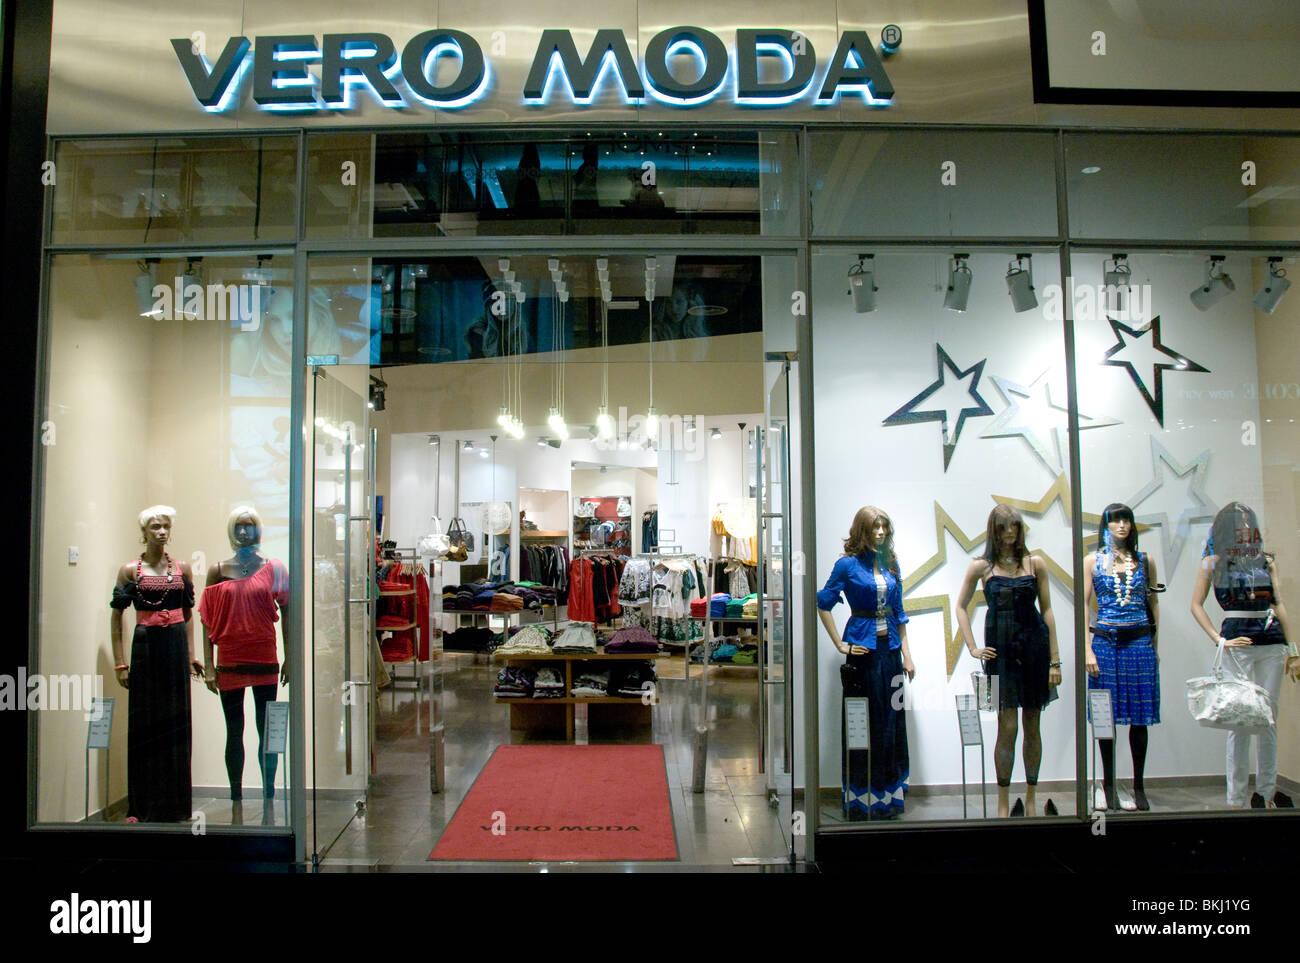 Vero Moda Imagen De Stock